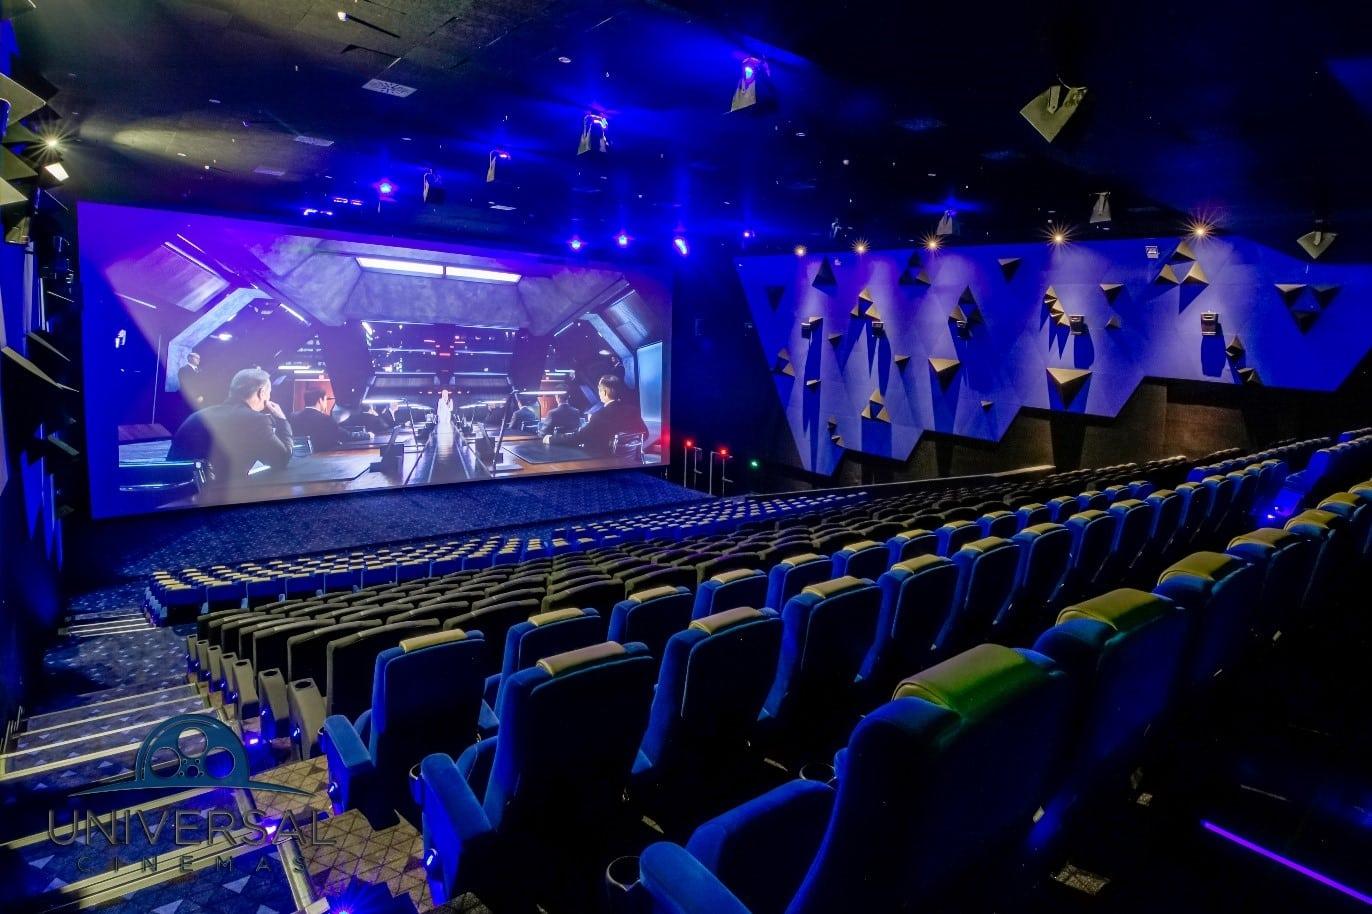 Imperial Cinema Lahore Online Ticket Booking Bookitnow Pk -> Fotos De Cinemas